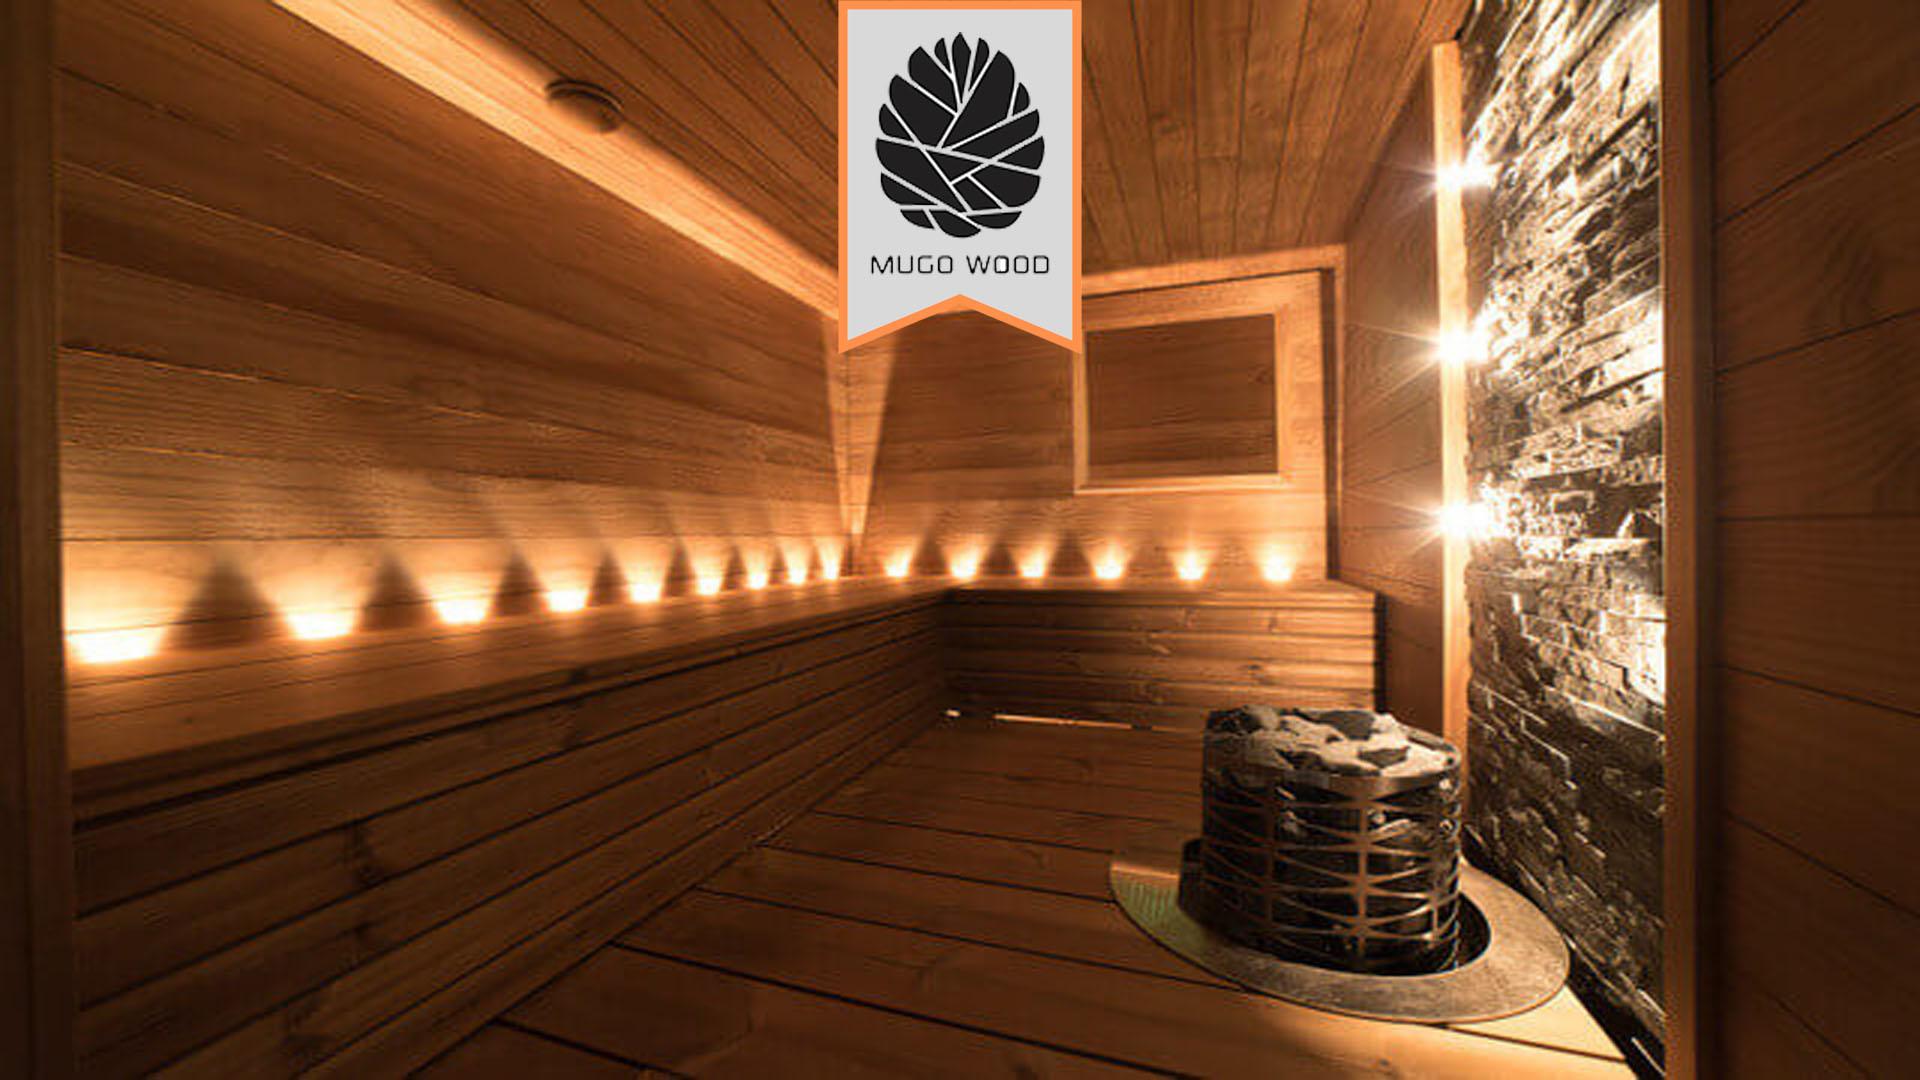 چوب ترموود فنلاندی 68*42 - قیمت چوب ترموود فنلاندی -خرید چوب ترموود فنلاندی - ترموود - ترمووود - چوب ترمو - چوب ترموود - ترموود ایرانی